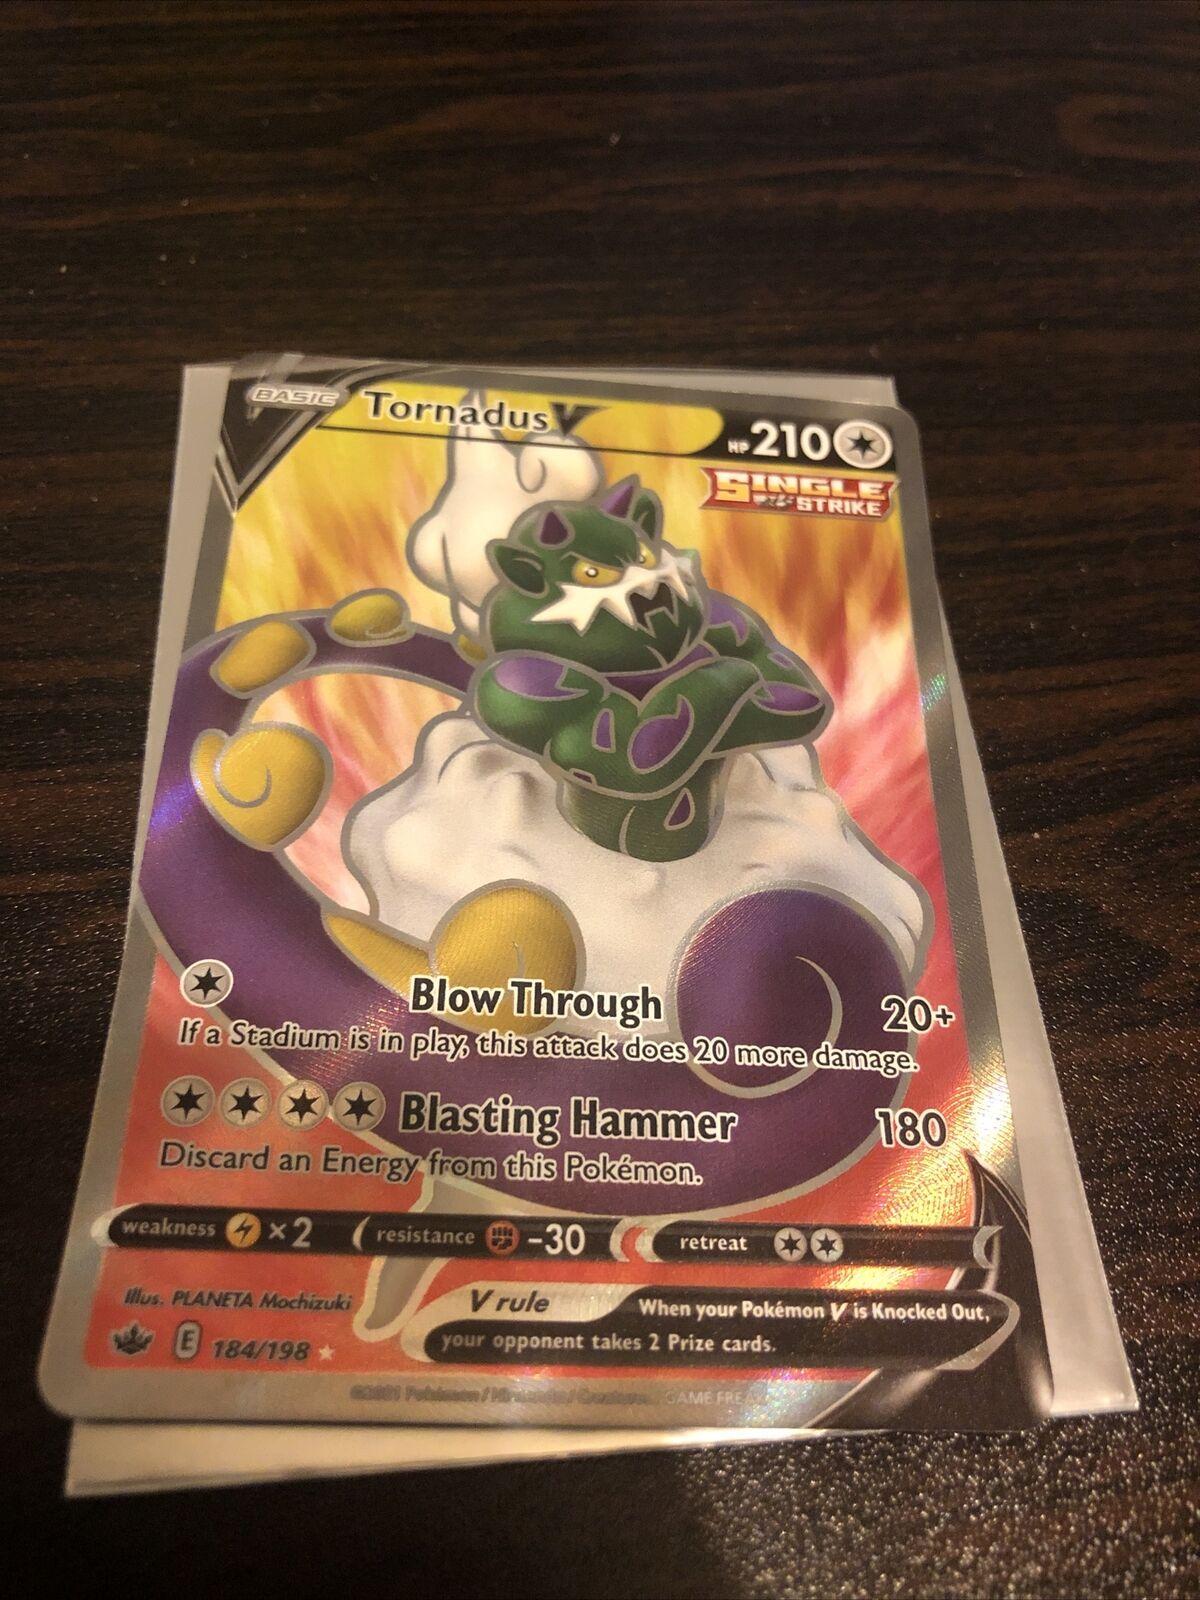 Tornadus V Full Art Pokemon Card - Chilling Reign 184/198 *Mint*